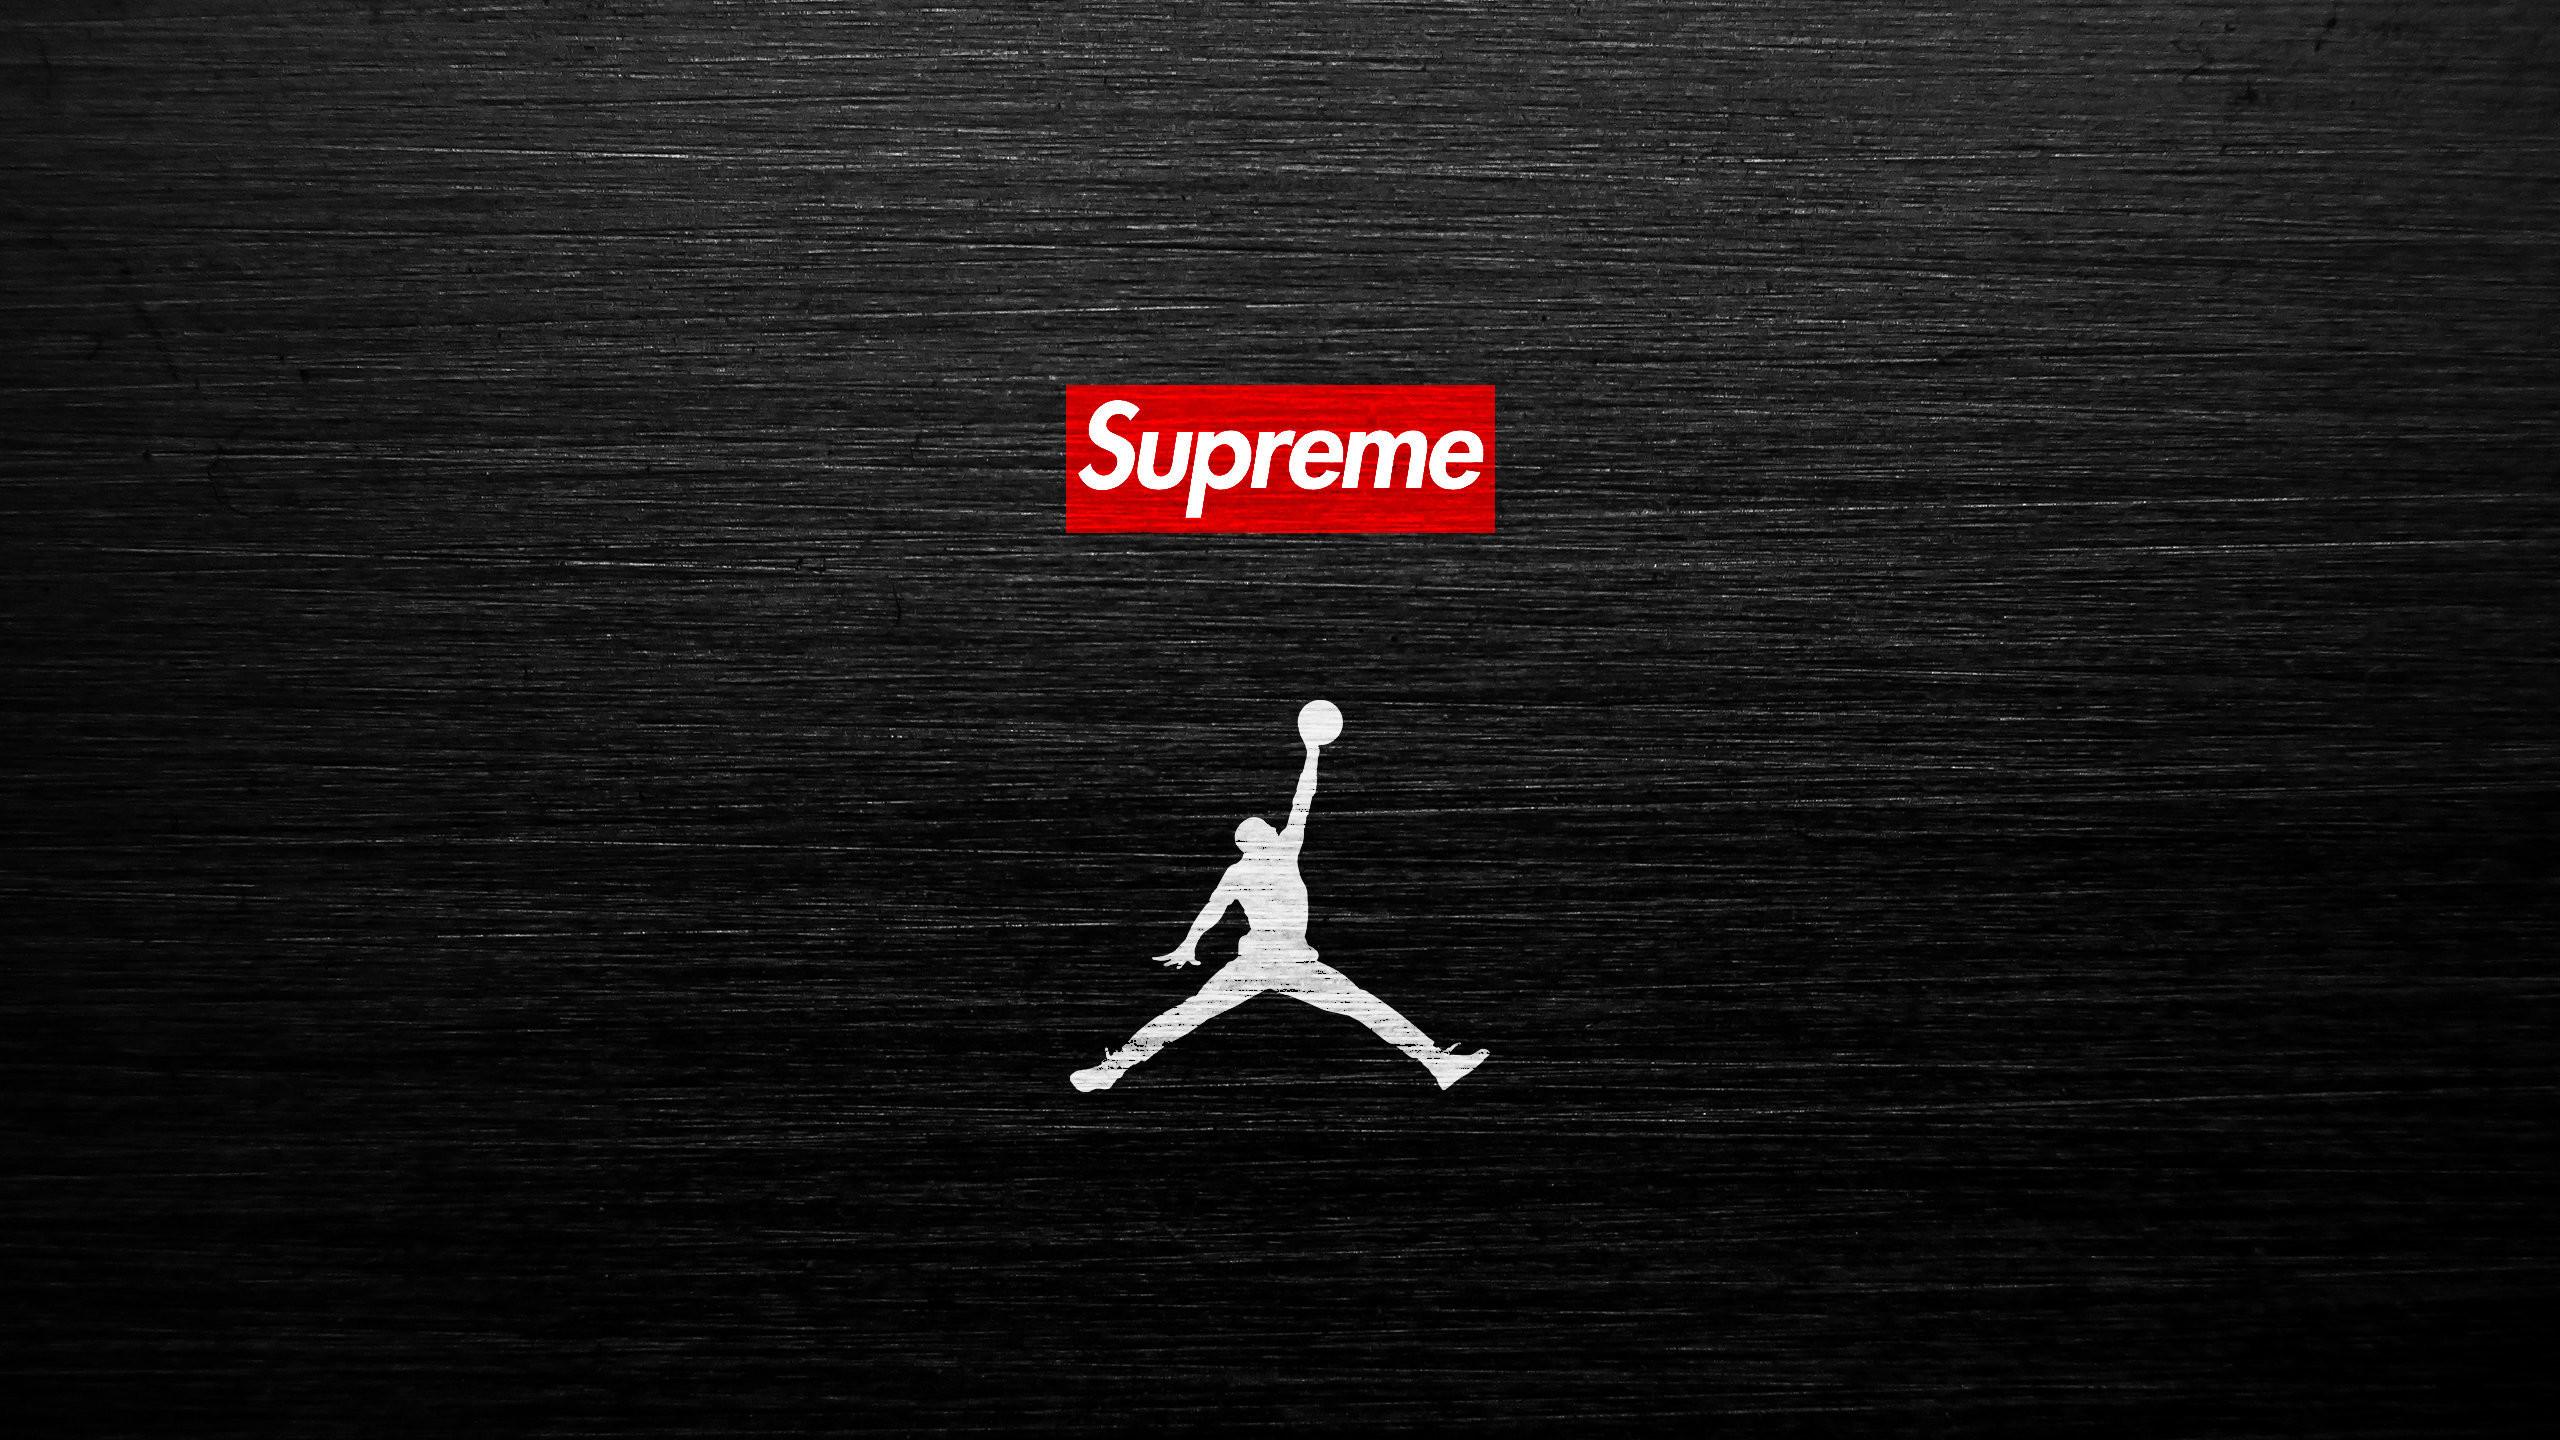 Nba Wallpaper Iphone Air Jordan Logo Wallpaper Hd 69 Images